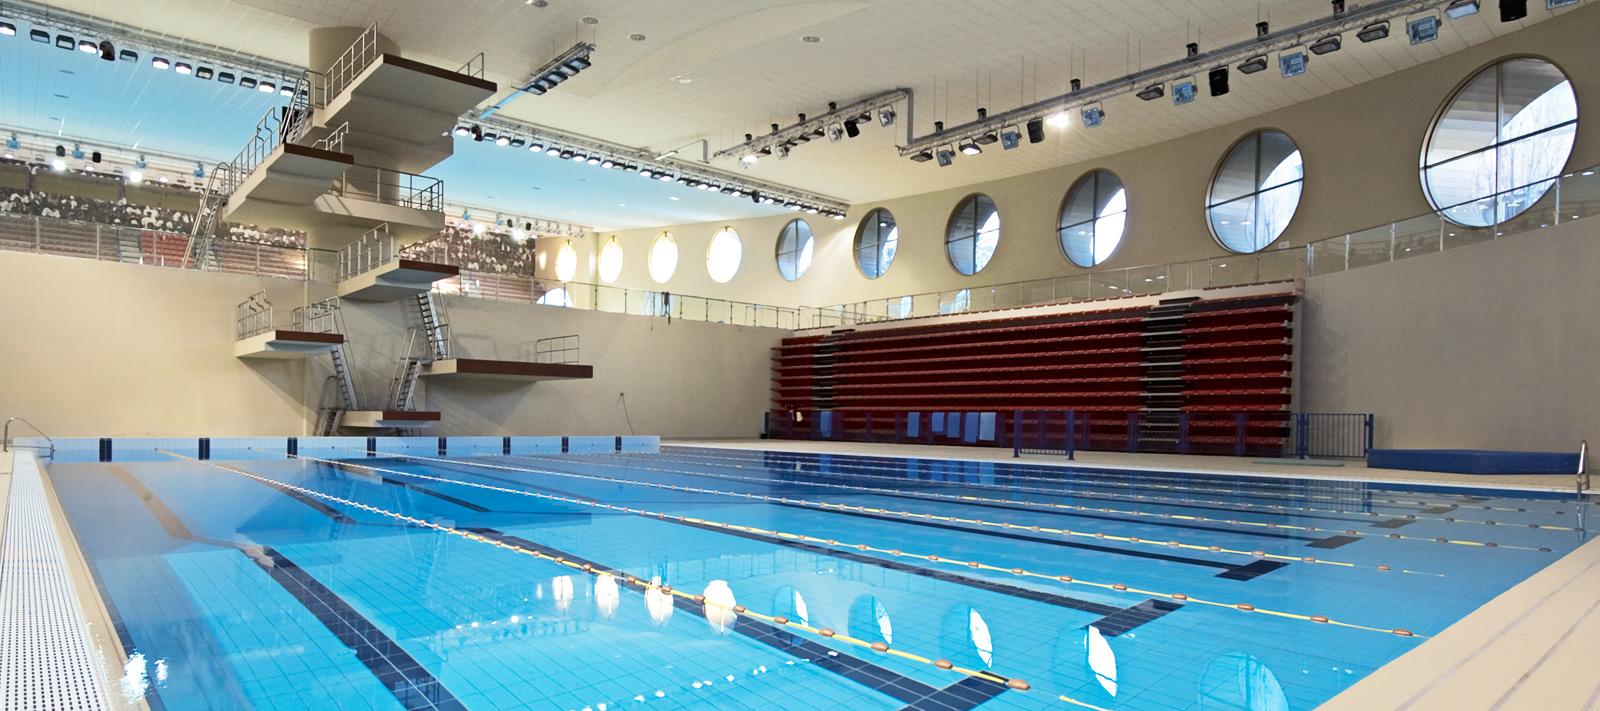 piscine olimpioniche culligan